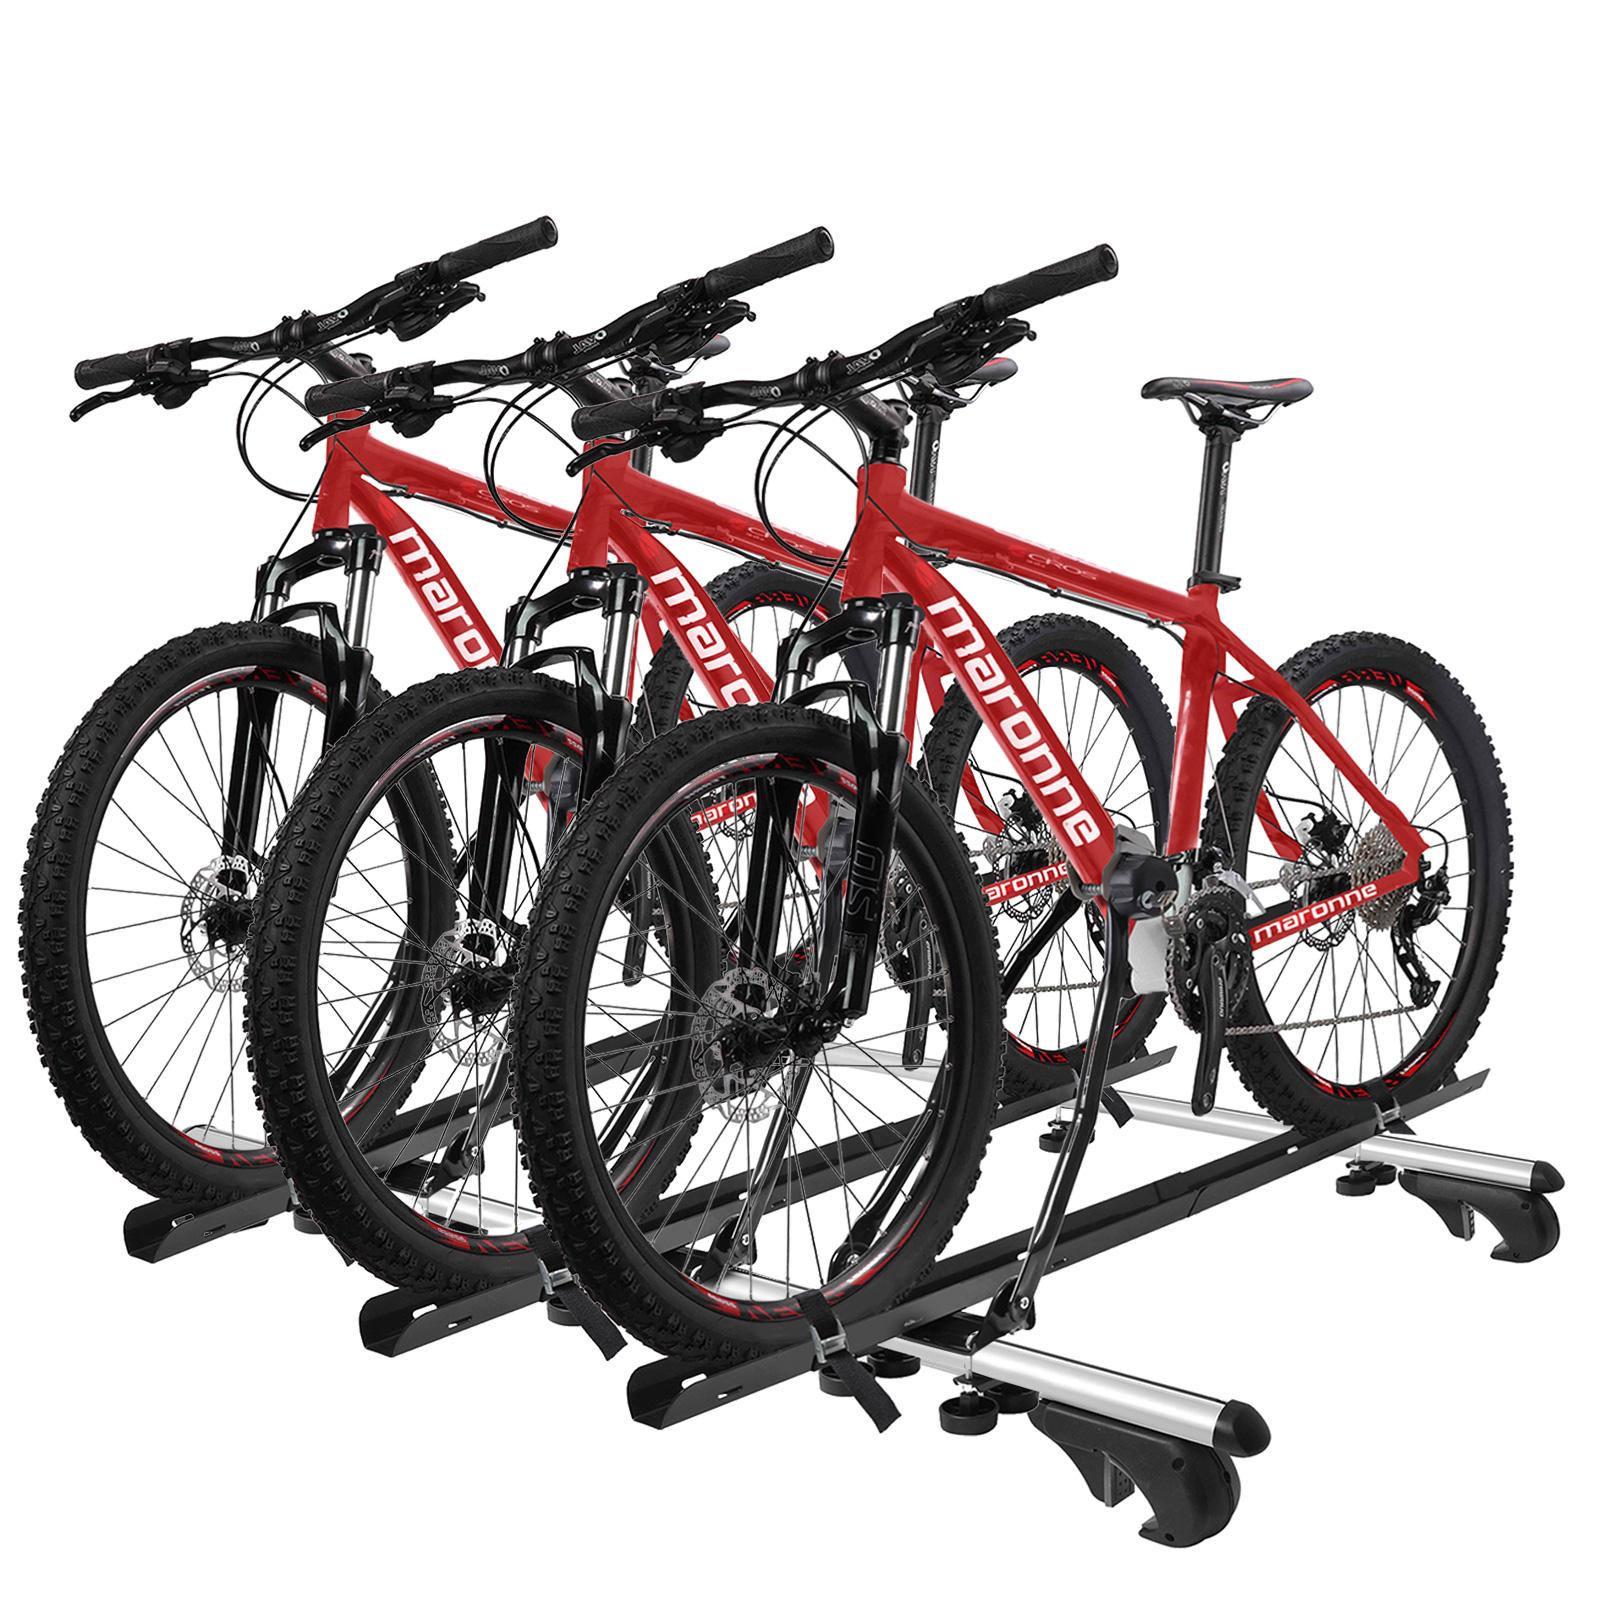 3x Fahrradträger Dachträger mit Rahmenbefestigung abschließbar inkl Befestigung